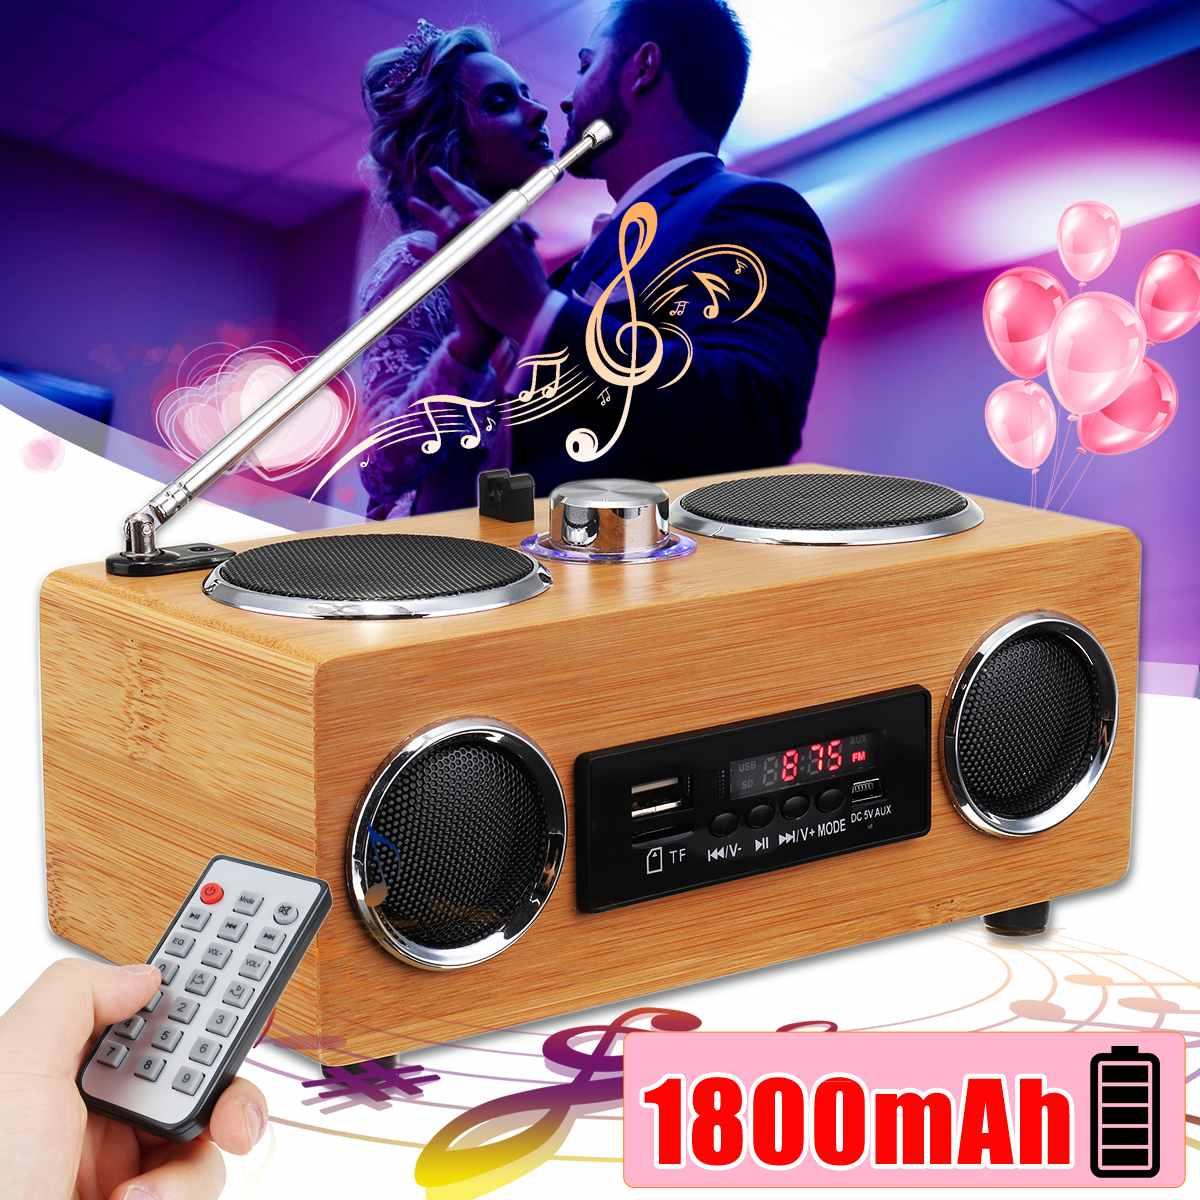 Rétro Vintage Radio Super basse FM Radio bambou multimédia haut-parleur classique récepteur USB avec lecteur MP3 télécommande